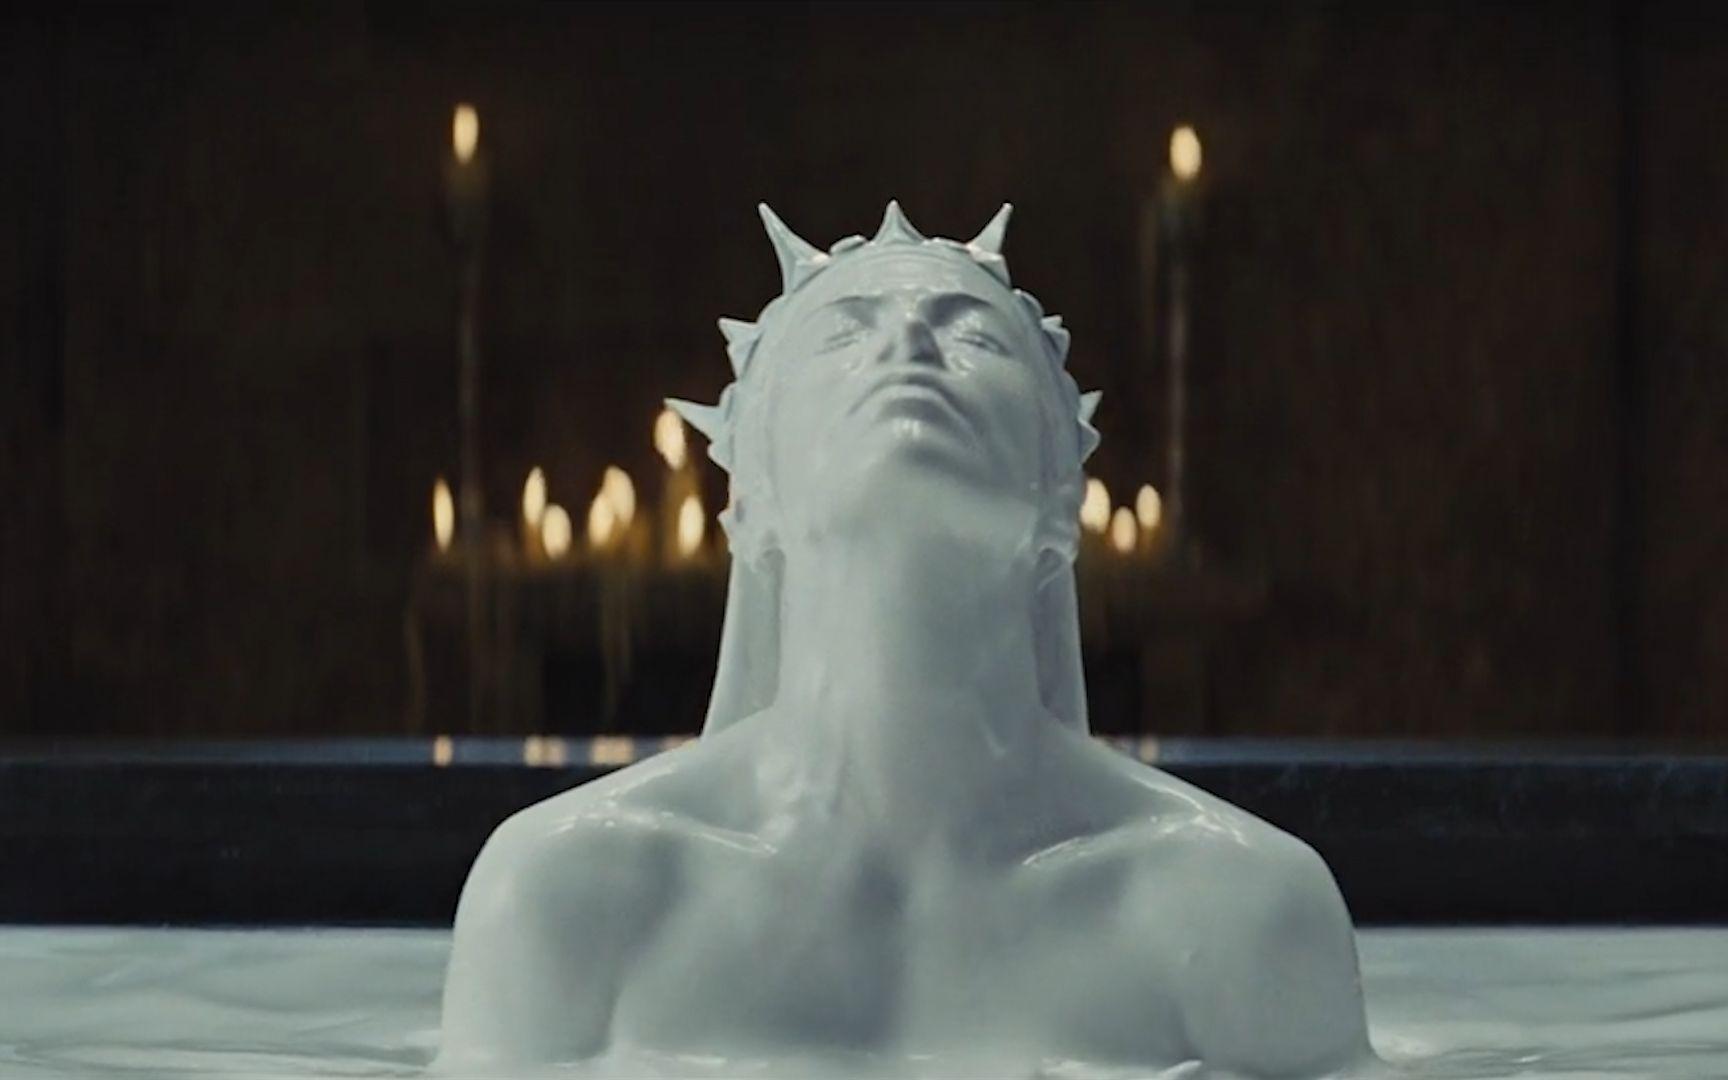 王后为了永葆青春,用牛奶洗澡,然后再发给穷人喝